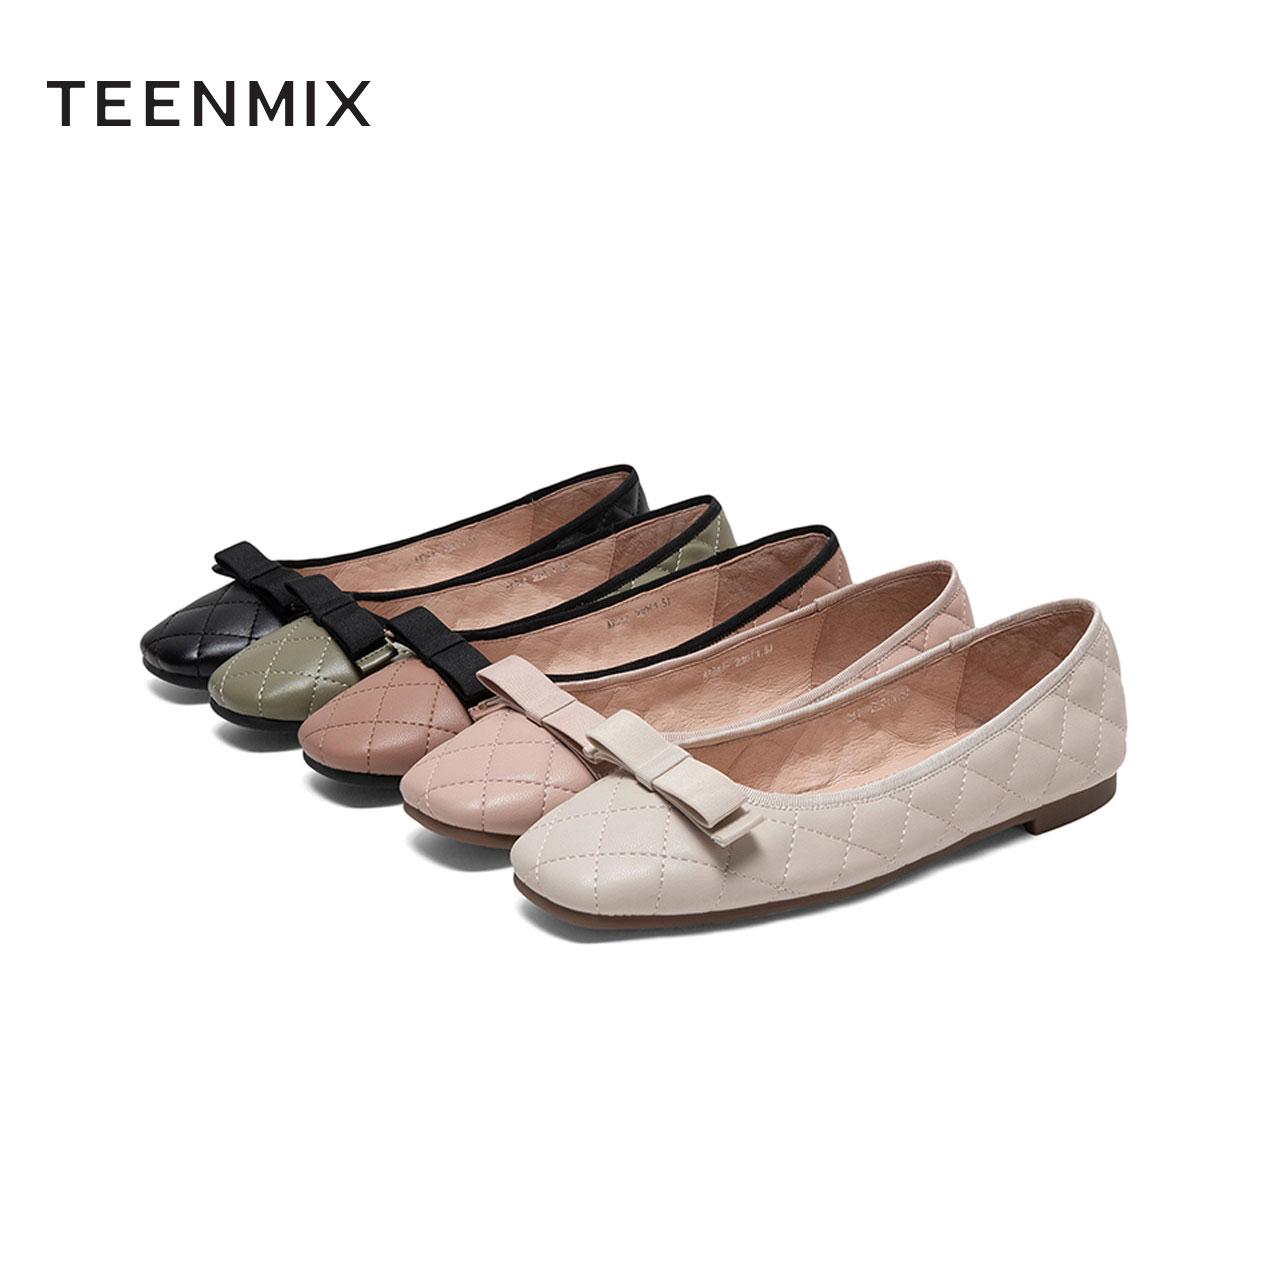 AX341CQ0 秋款 2020 天美意小香风芭蕾单鞋女商场同款浅口平底奶奶鞋